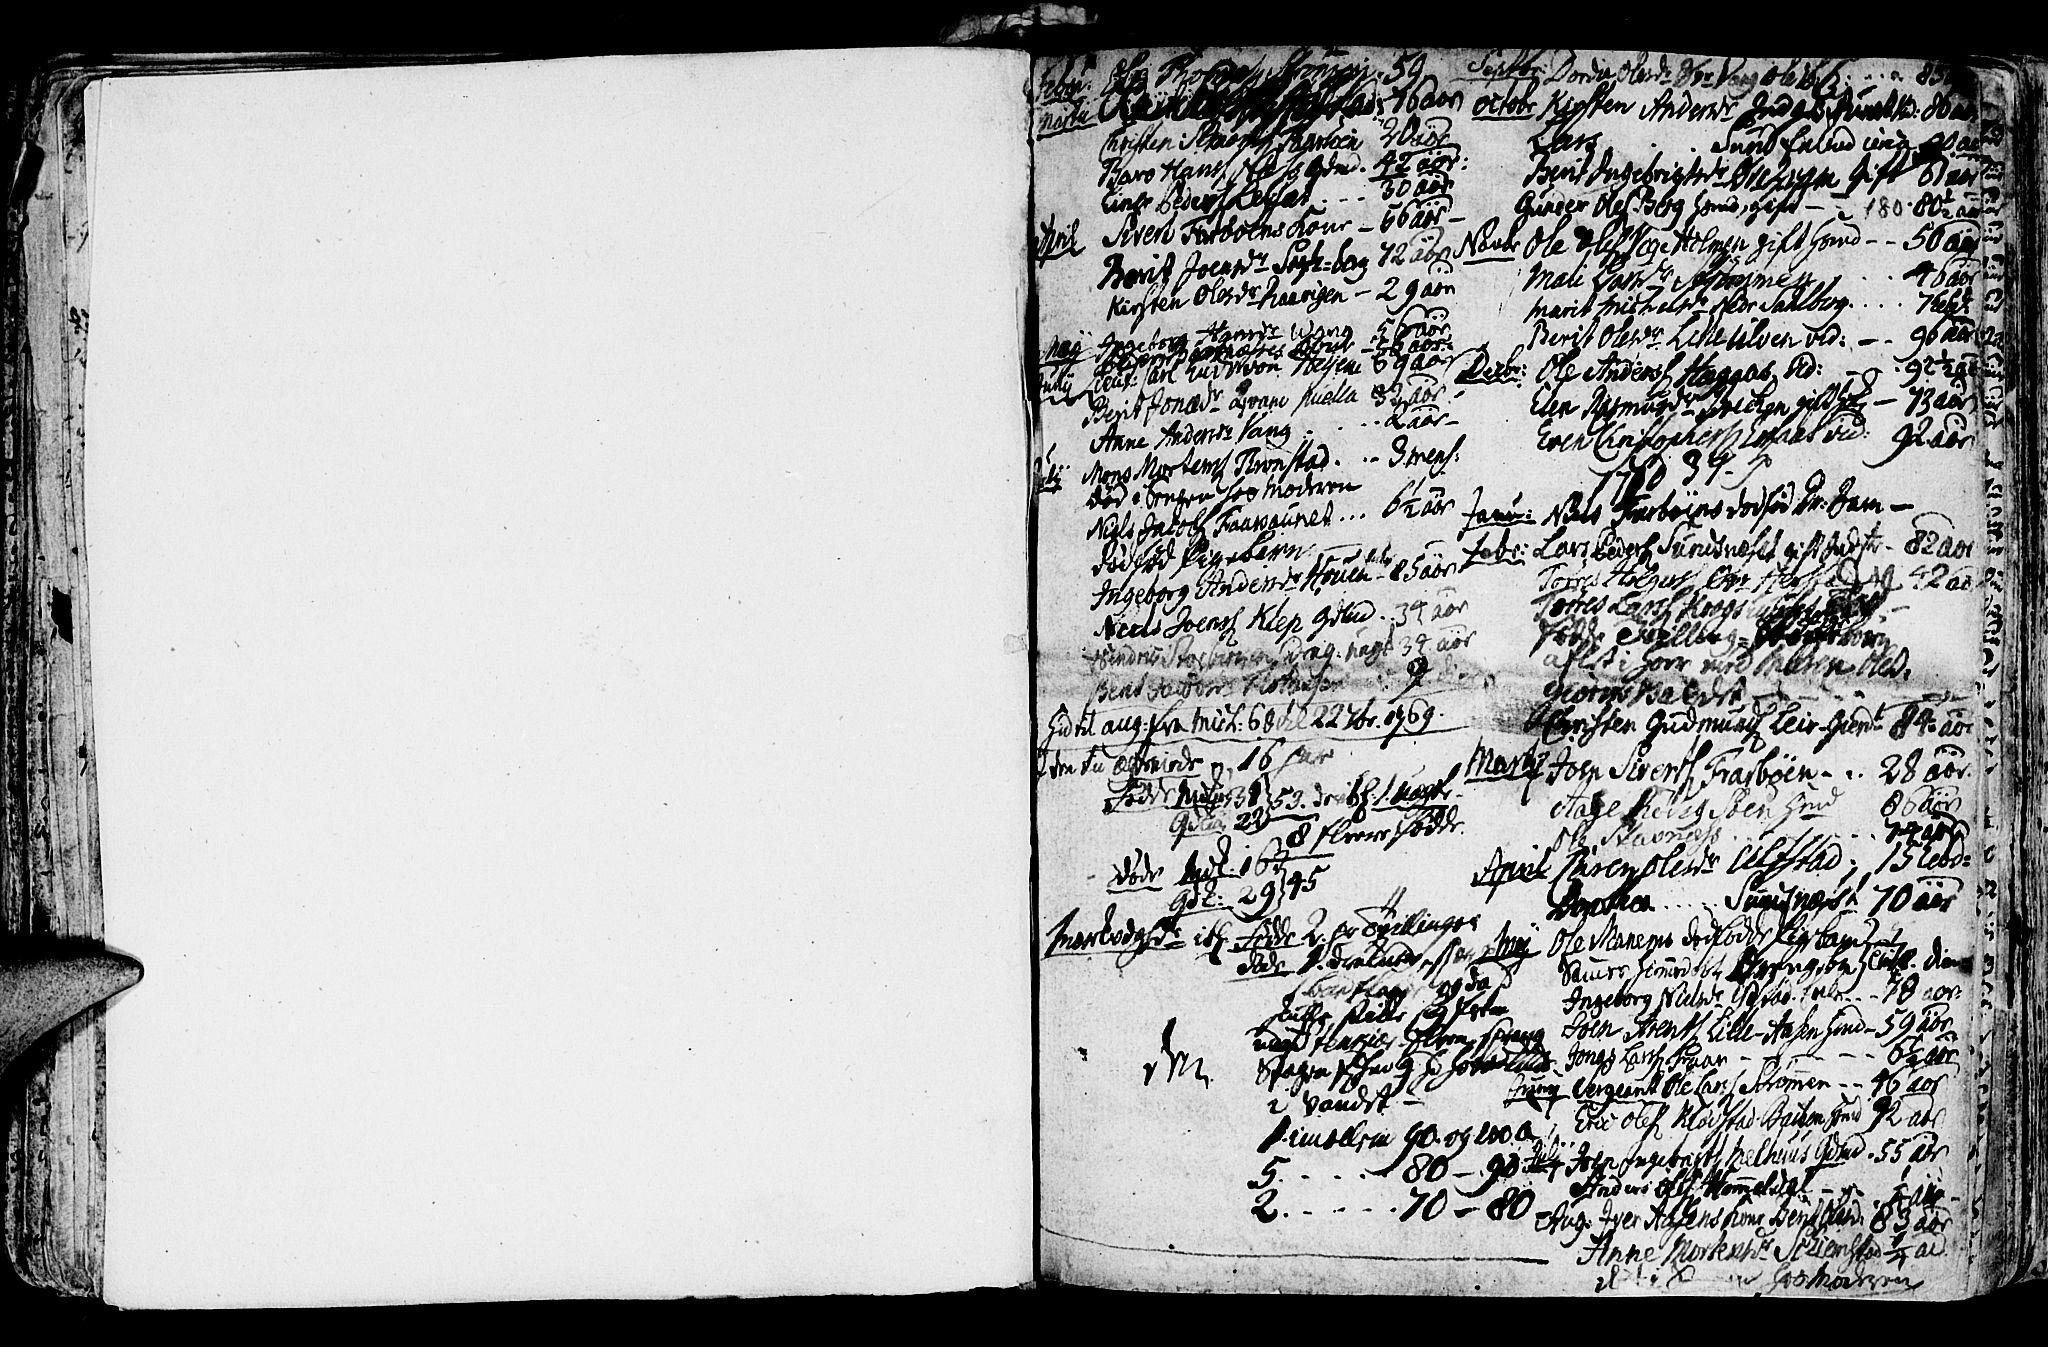 SAT, Ministerialprotokoller, klokkerbøker og fødselsregistre - Nord-Trøndelag, 730/L0273: Ministerialbok nr. 730A02, 1762-1802, s. 179